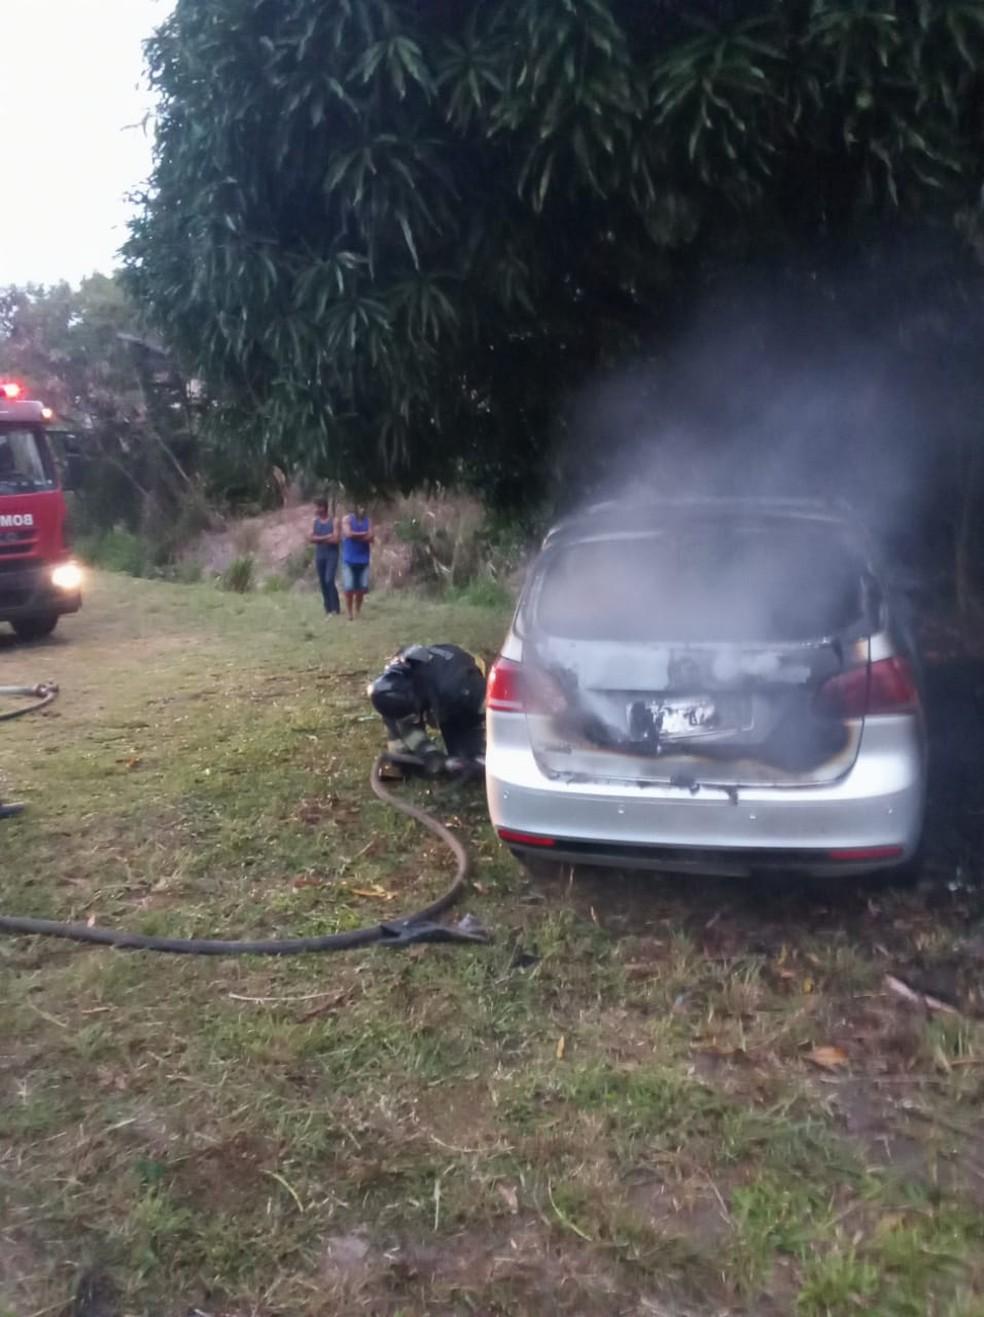 Veículo movido a GNV teve perda total em incêndio em Marechal Deodoro, AL — Foto: Divulgação/Corpo de Bombeiros de Alagoas